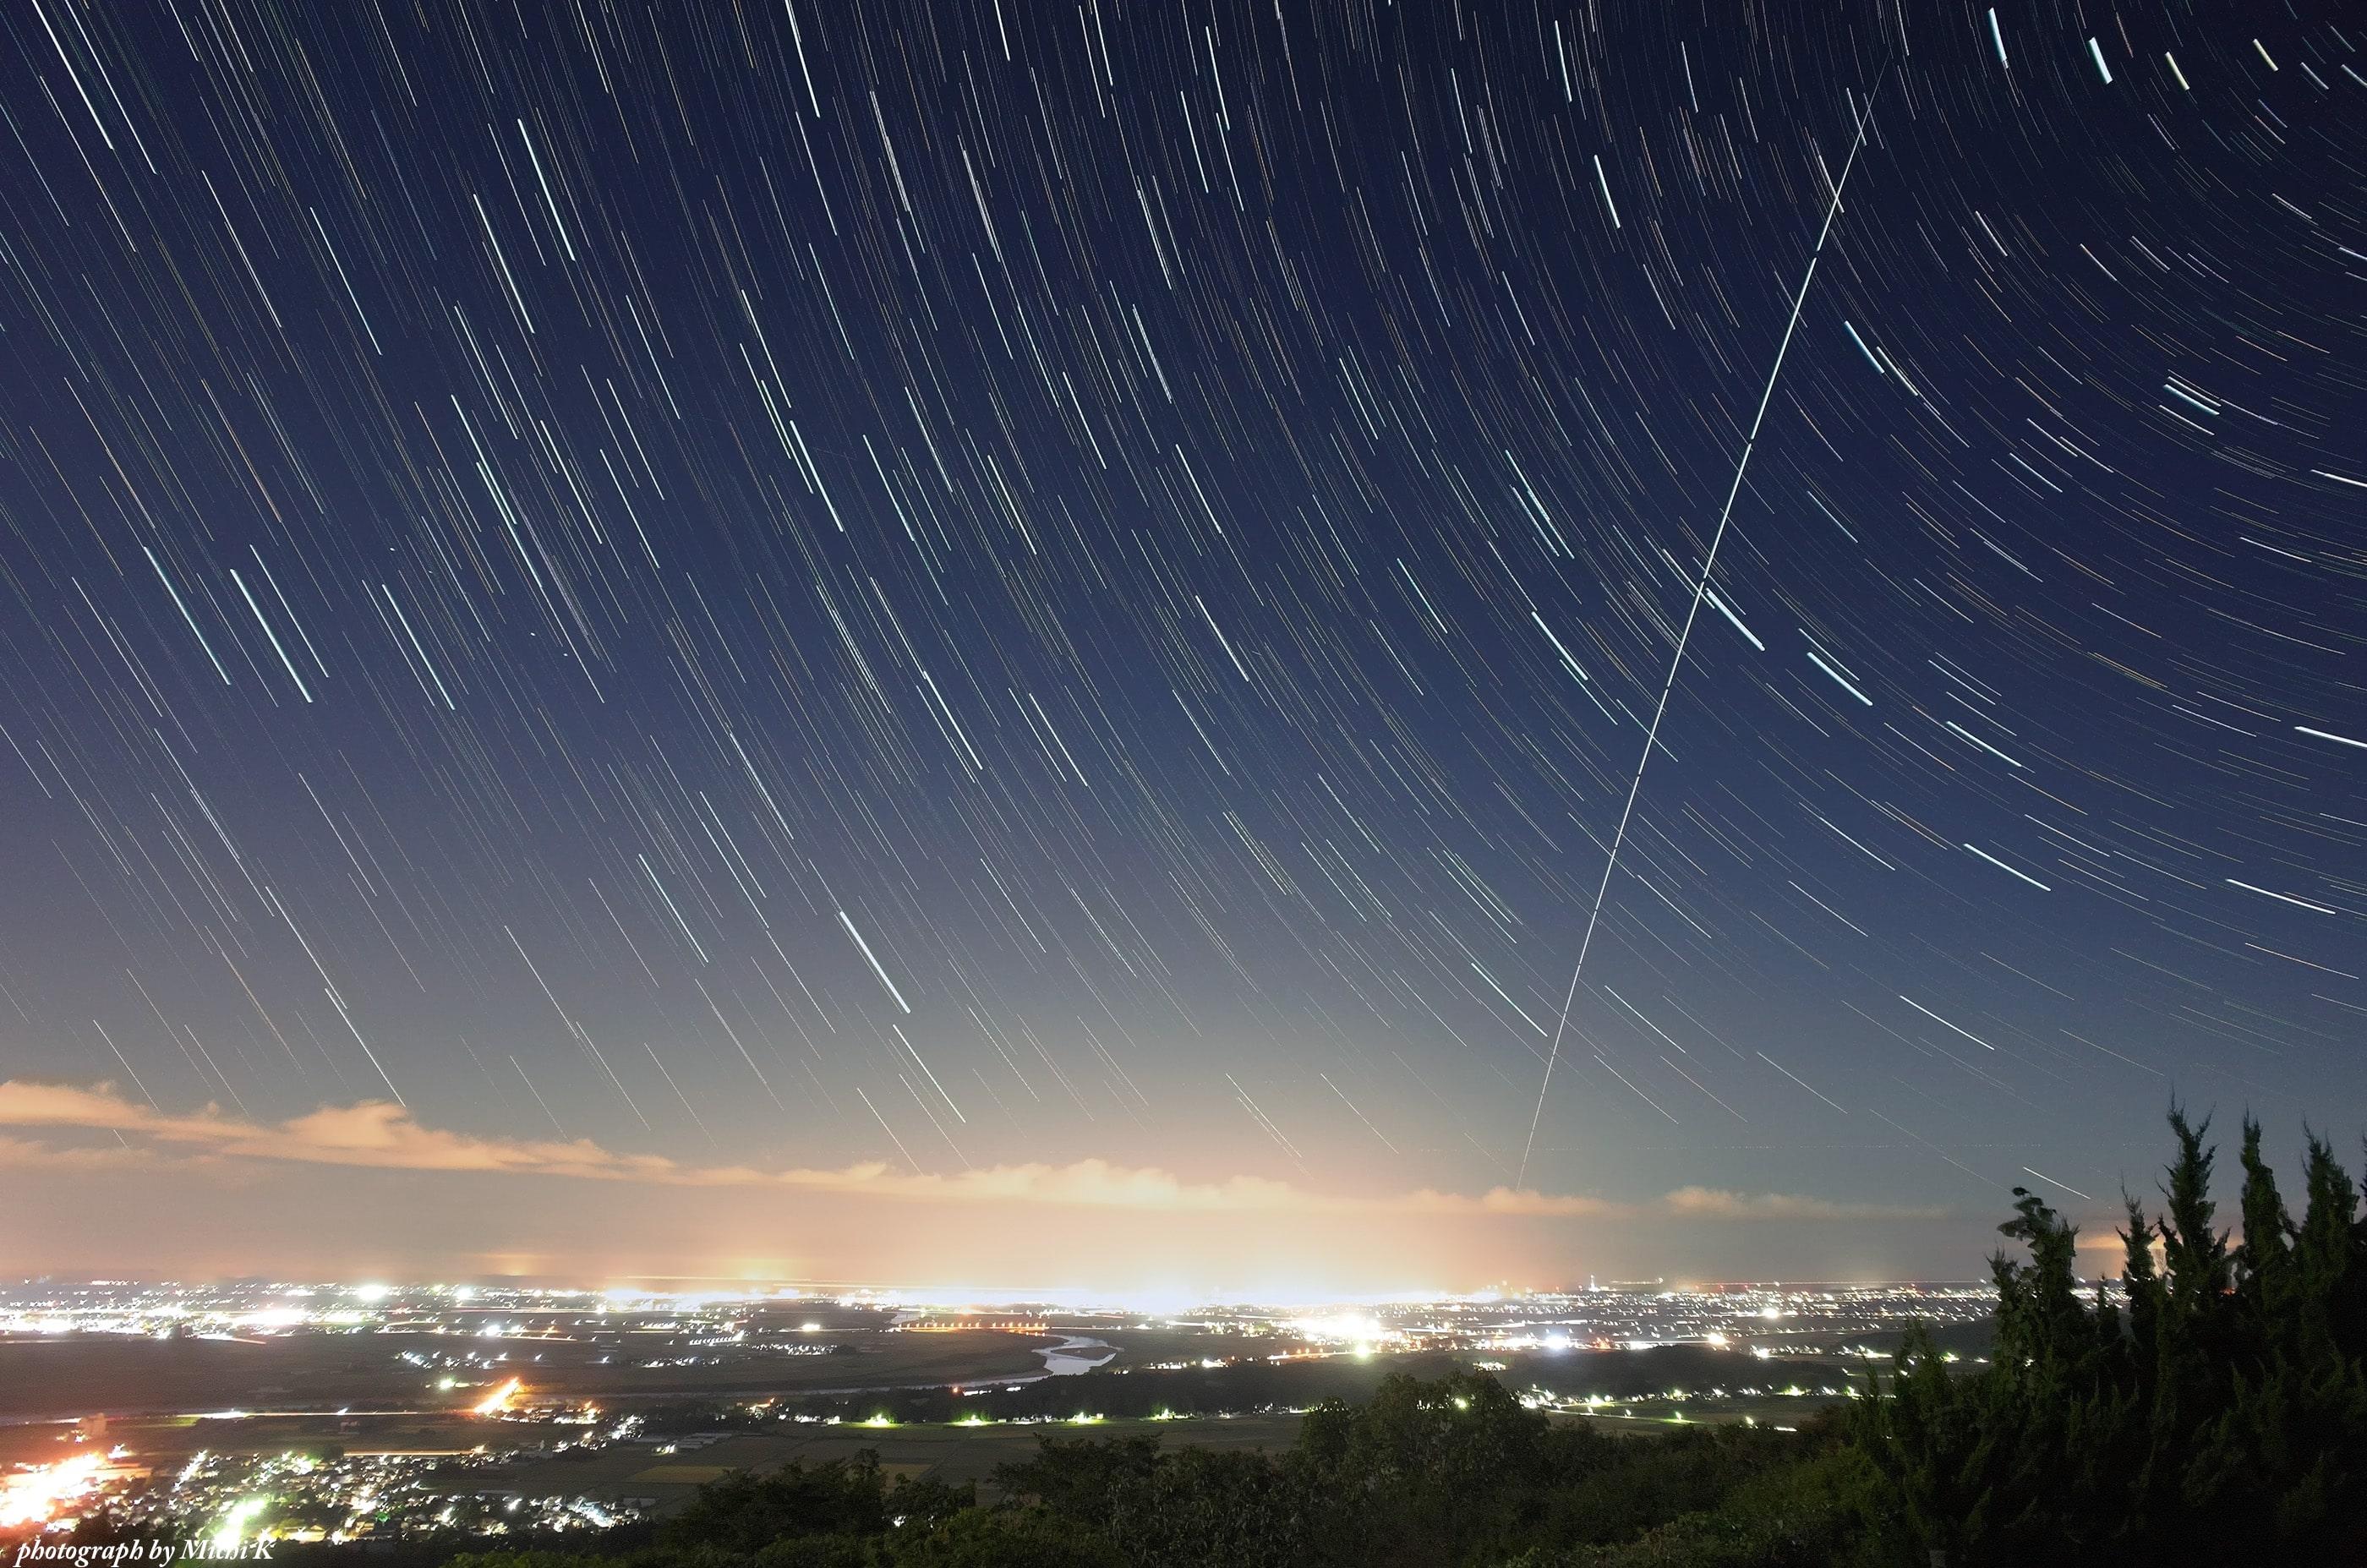 写真、「きぼう」の軌跡2019年10月6日